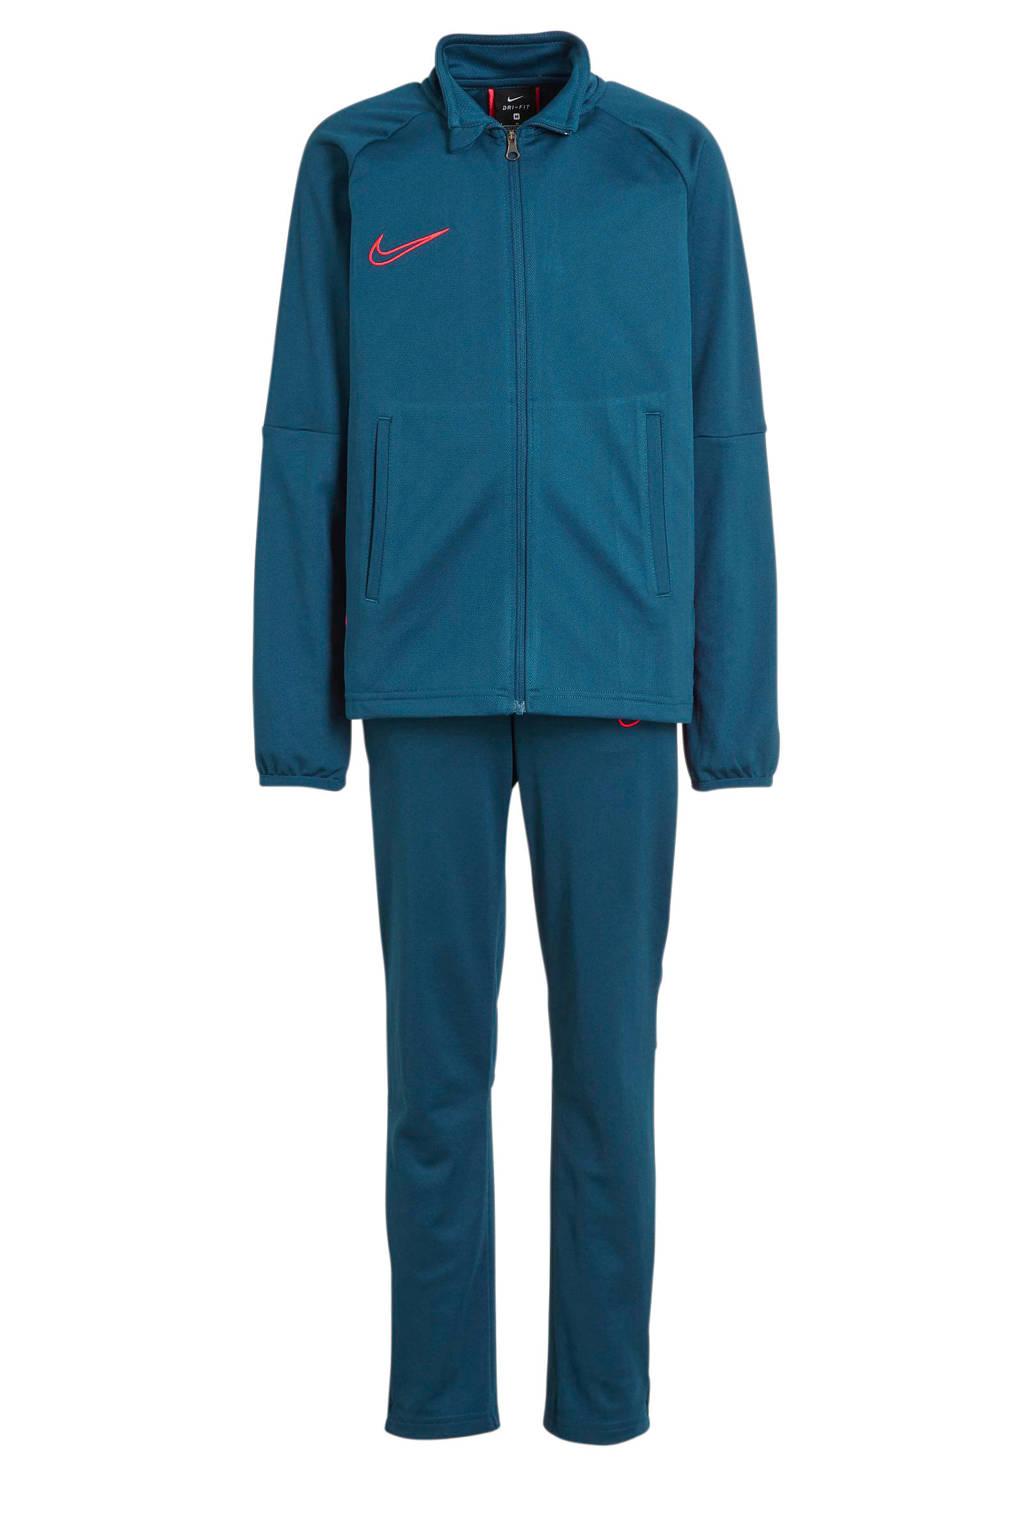 Nike Junior  trainingspak blauw/rood, Petrol/rood